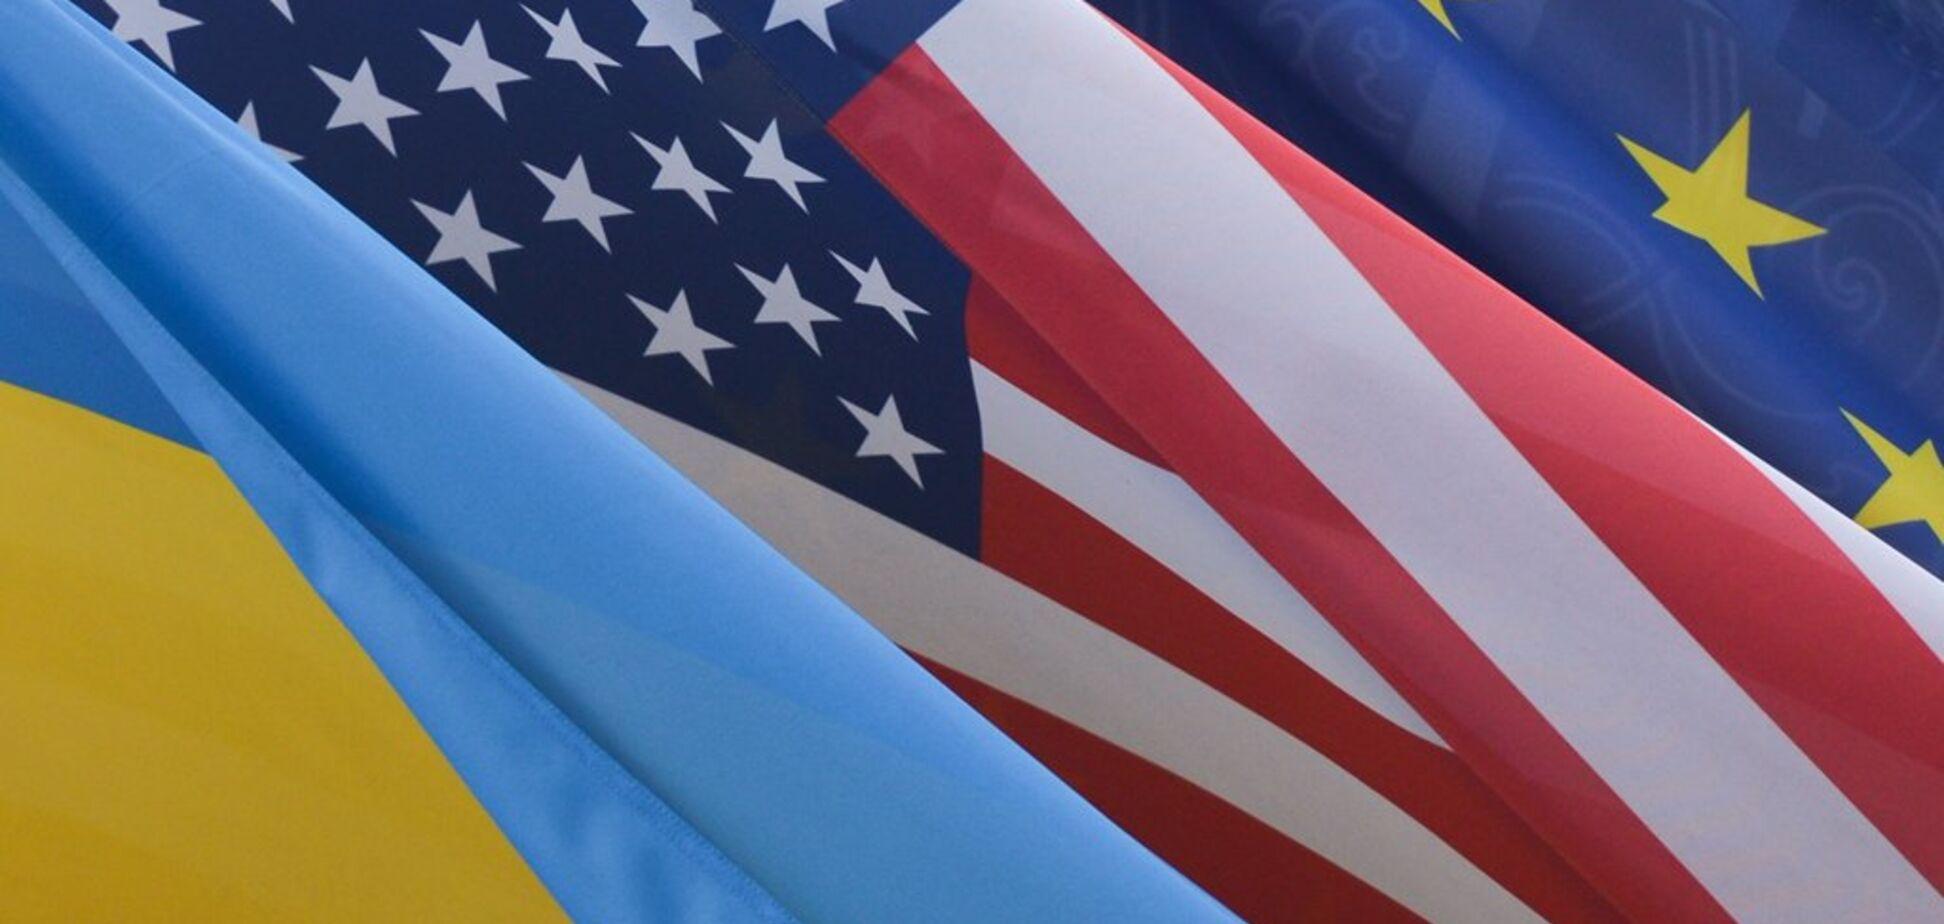 На оружие и оборону: США одобрили $700 млн помощи для Украины